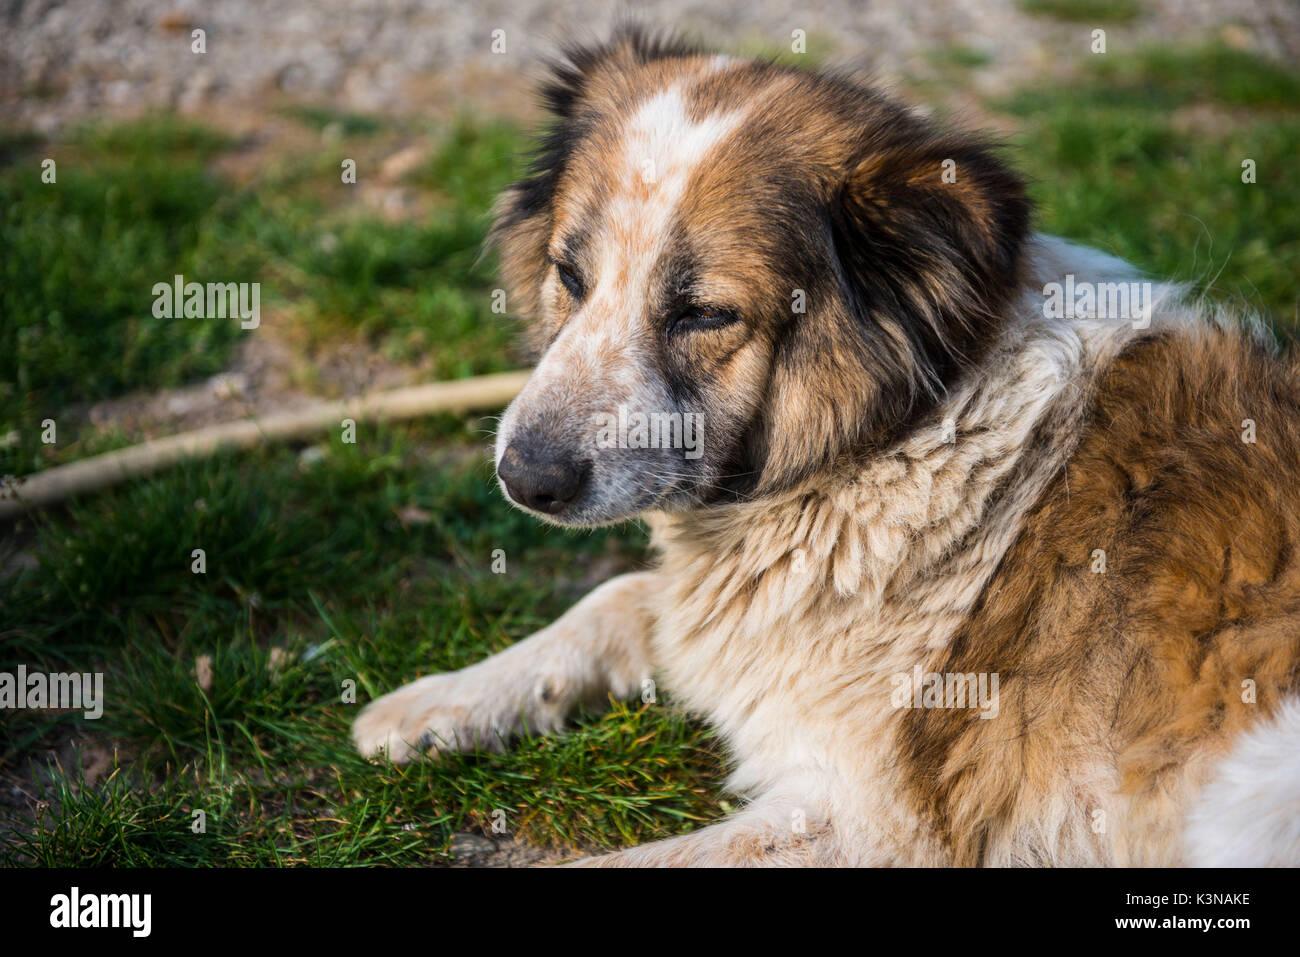 L'Italia, Toscana, bianco e marrone di fur cane relax su una strada sterrata prestando attenzione a qualcosa Immagini Stock